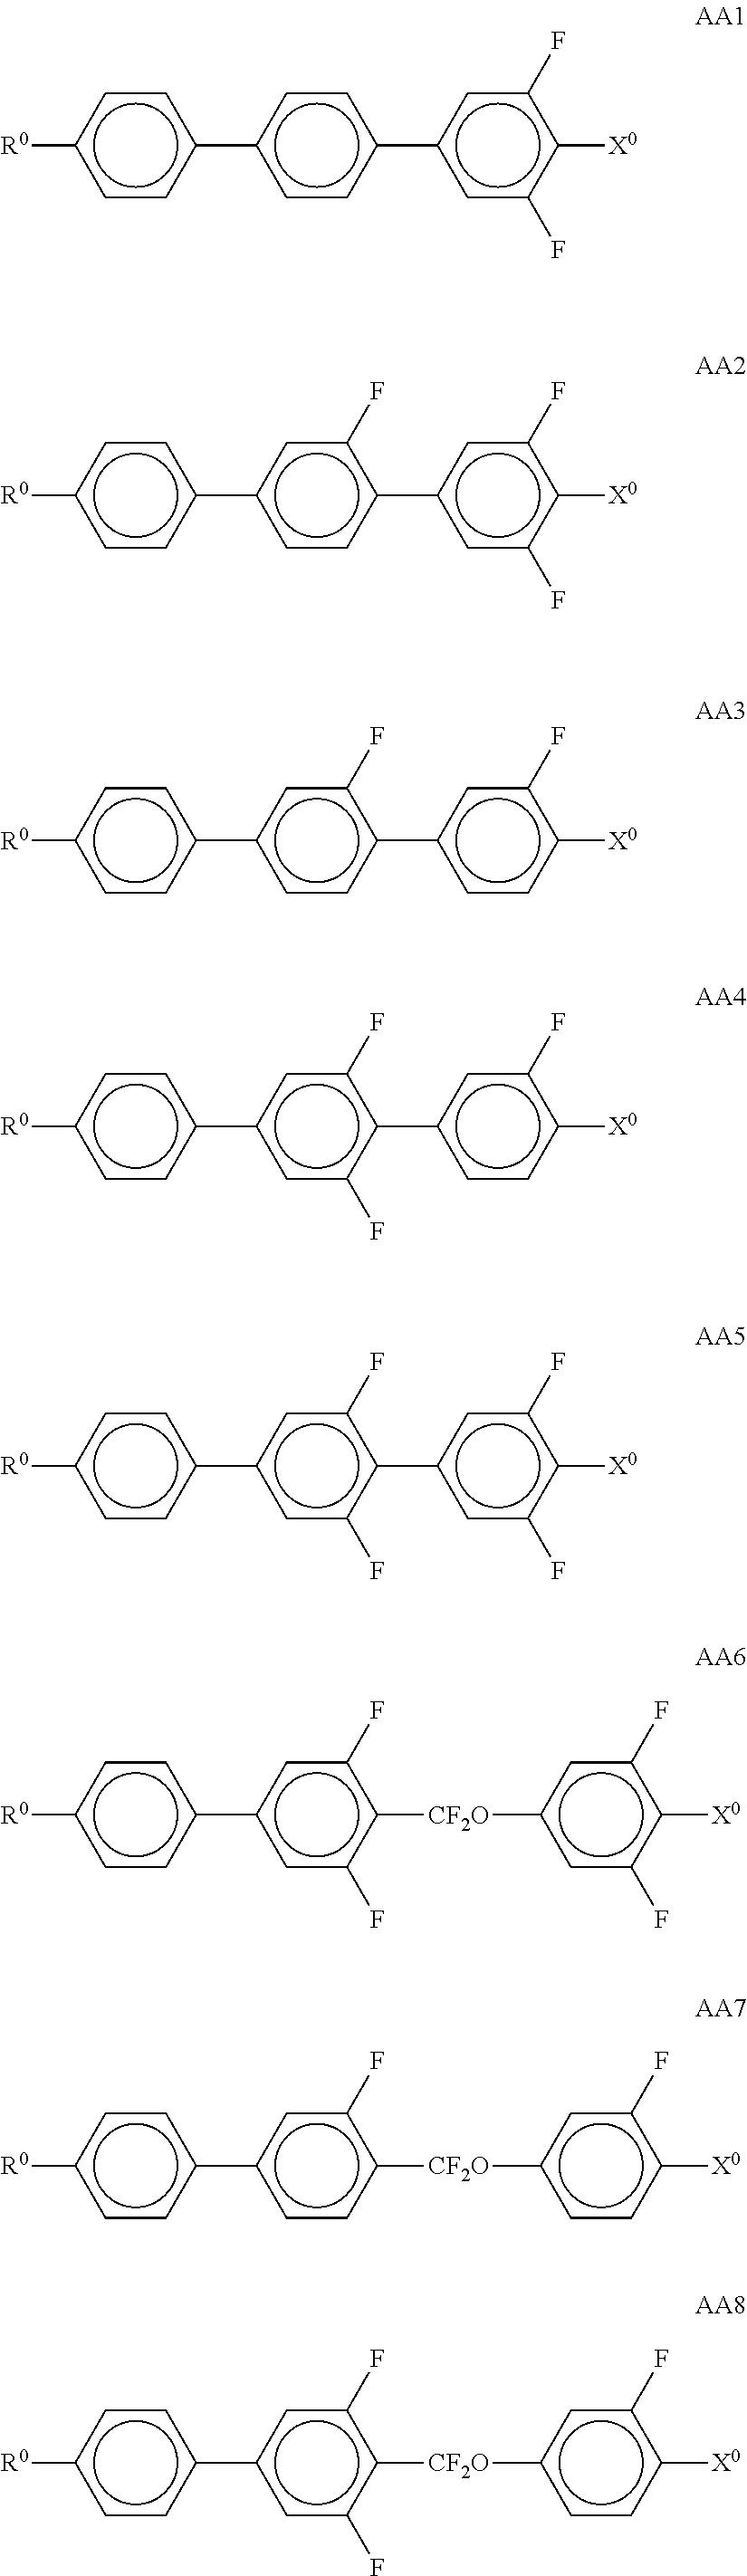 Figure US20110051049A1-20110303-C00057